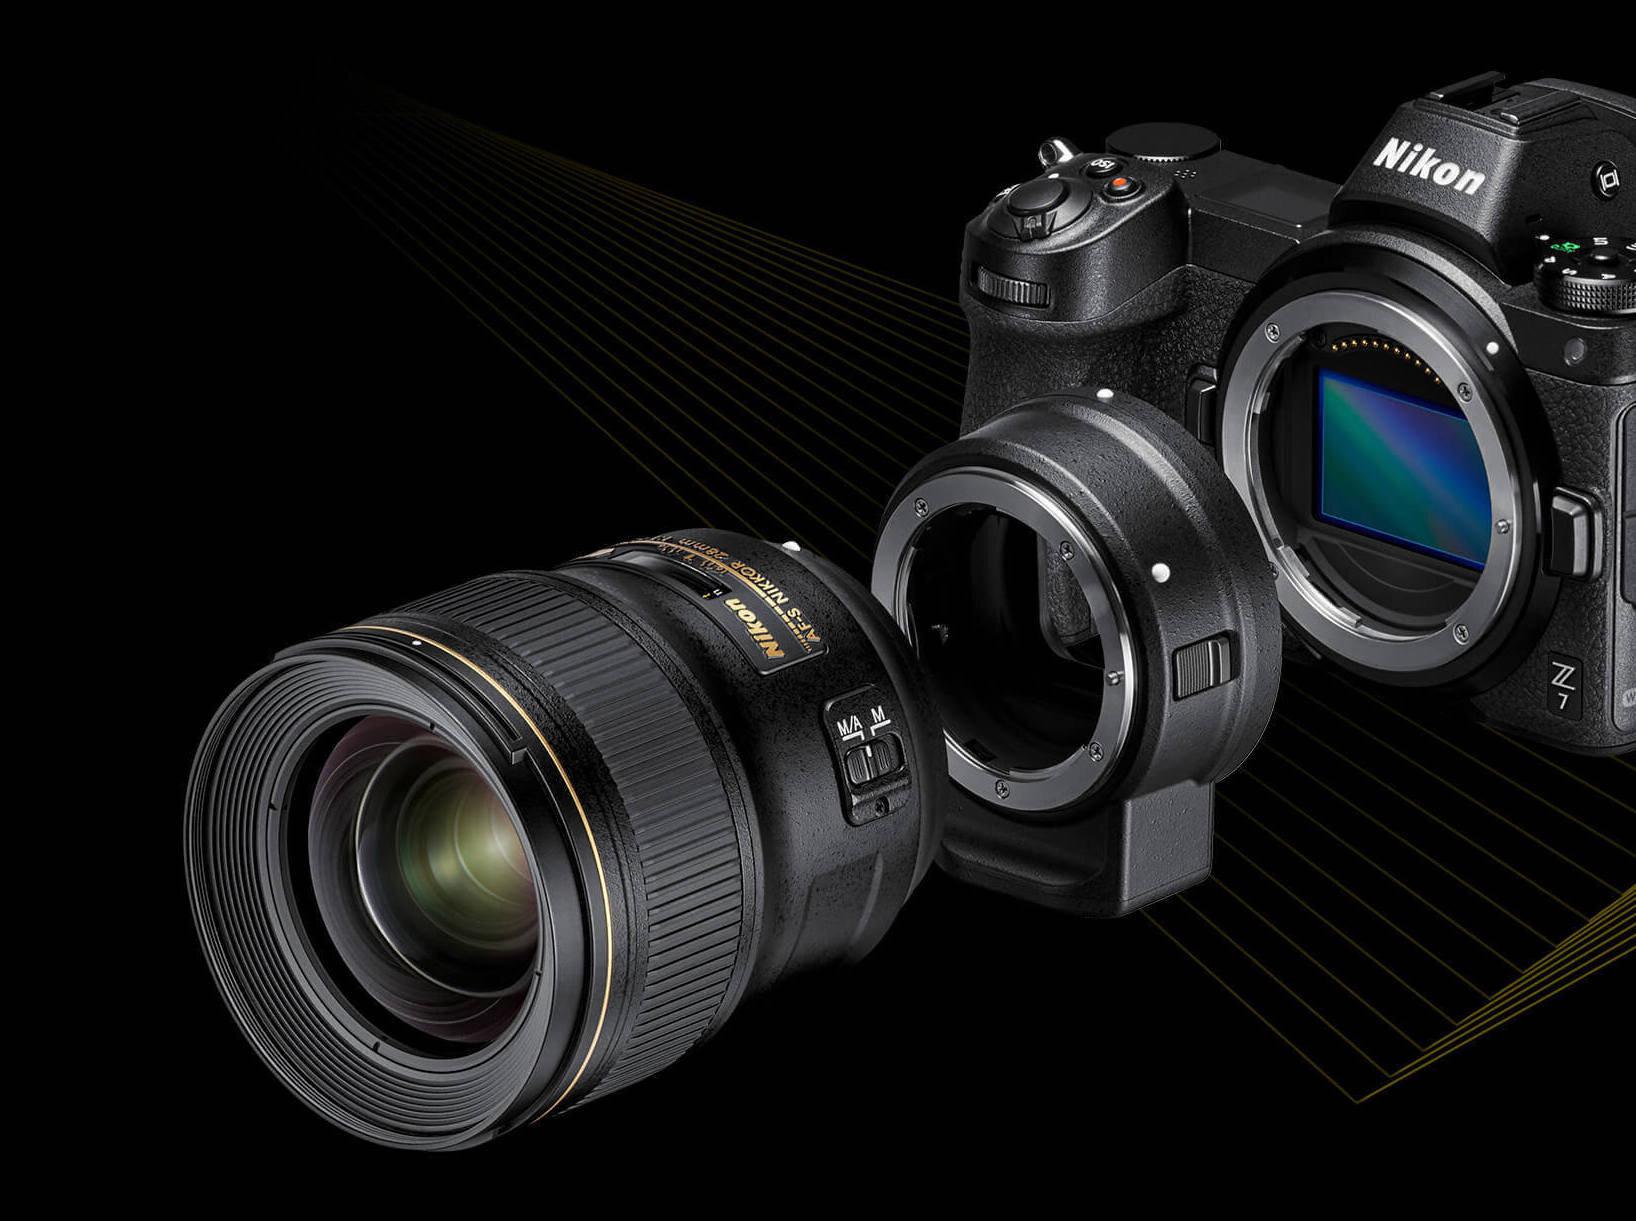 Máy ảnh Nikon được đánh giá cao về chất lượng chụp